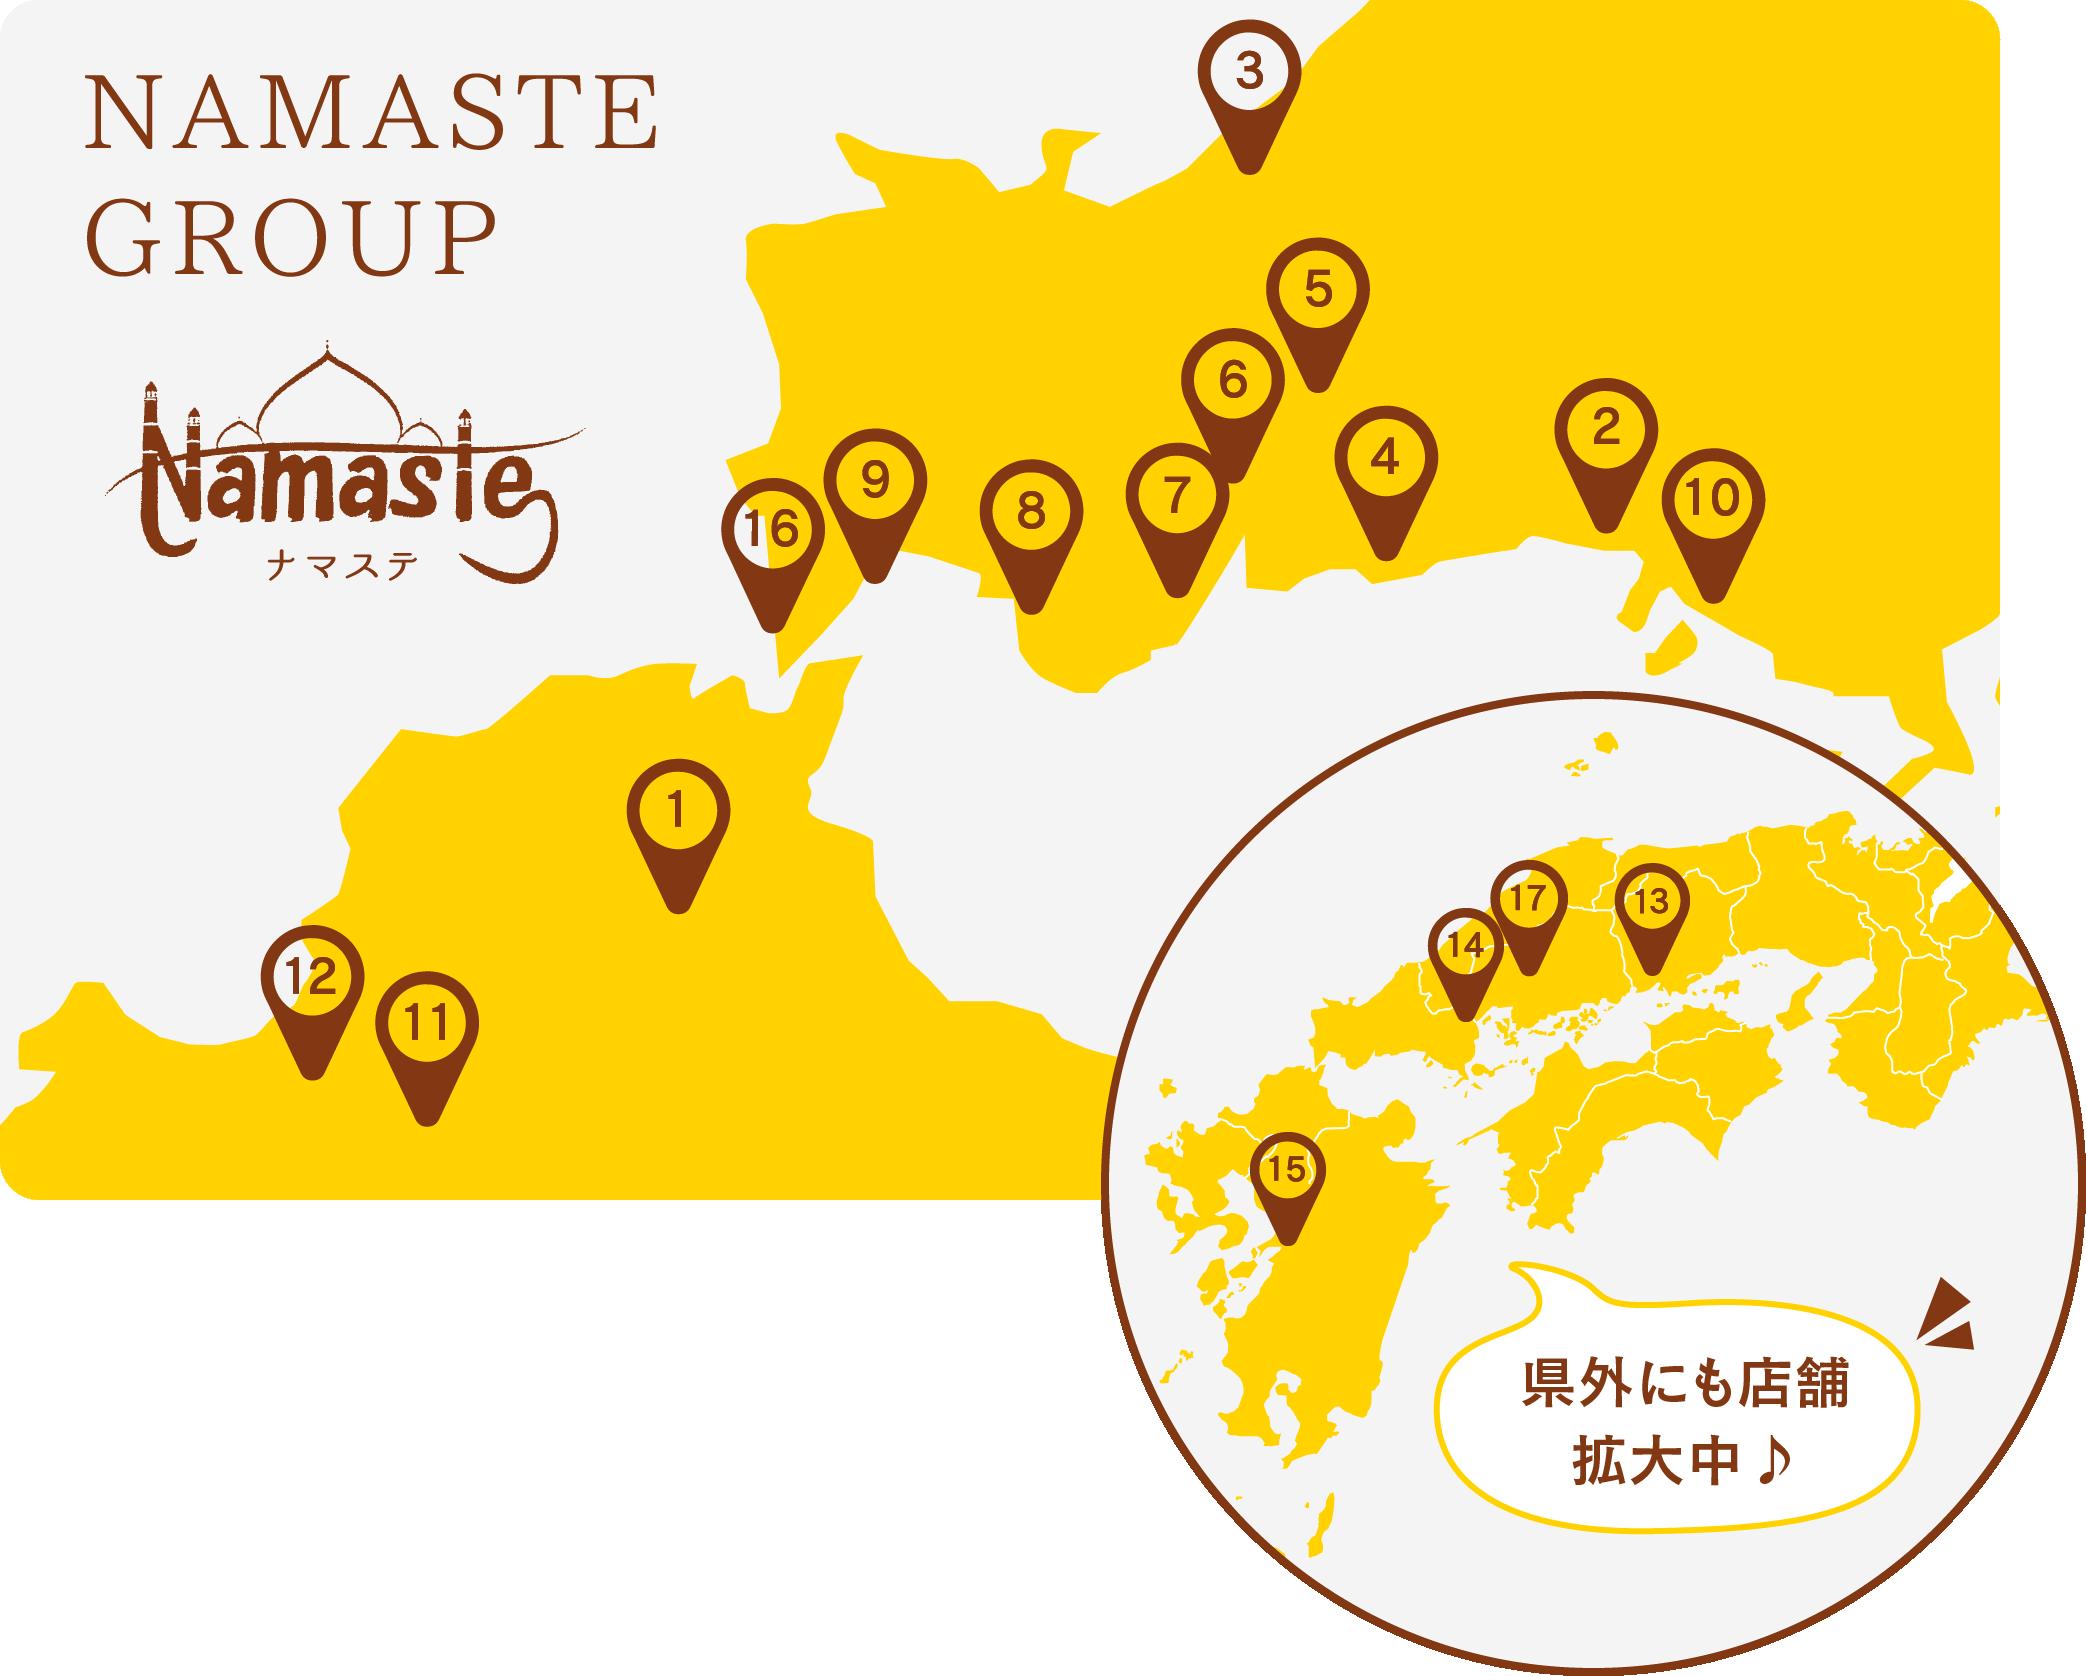 ナマステグループの店舗紹介